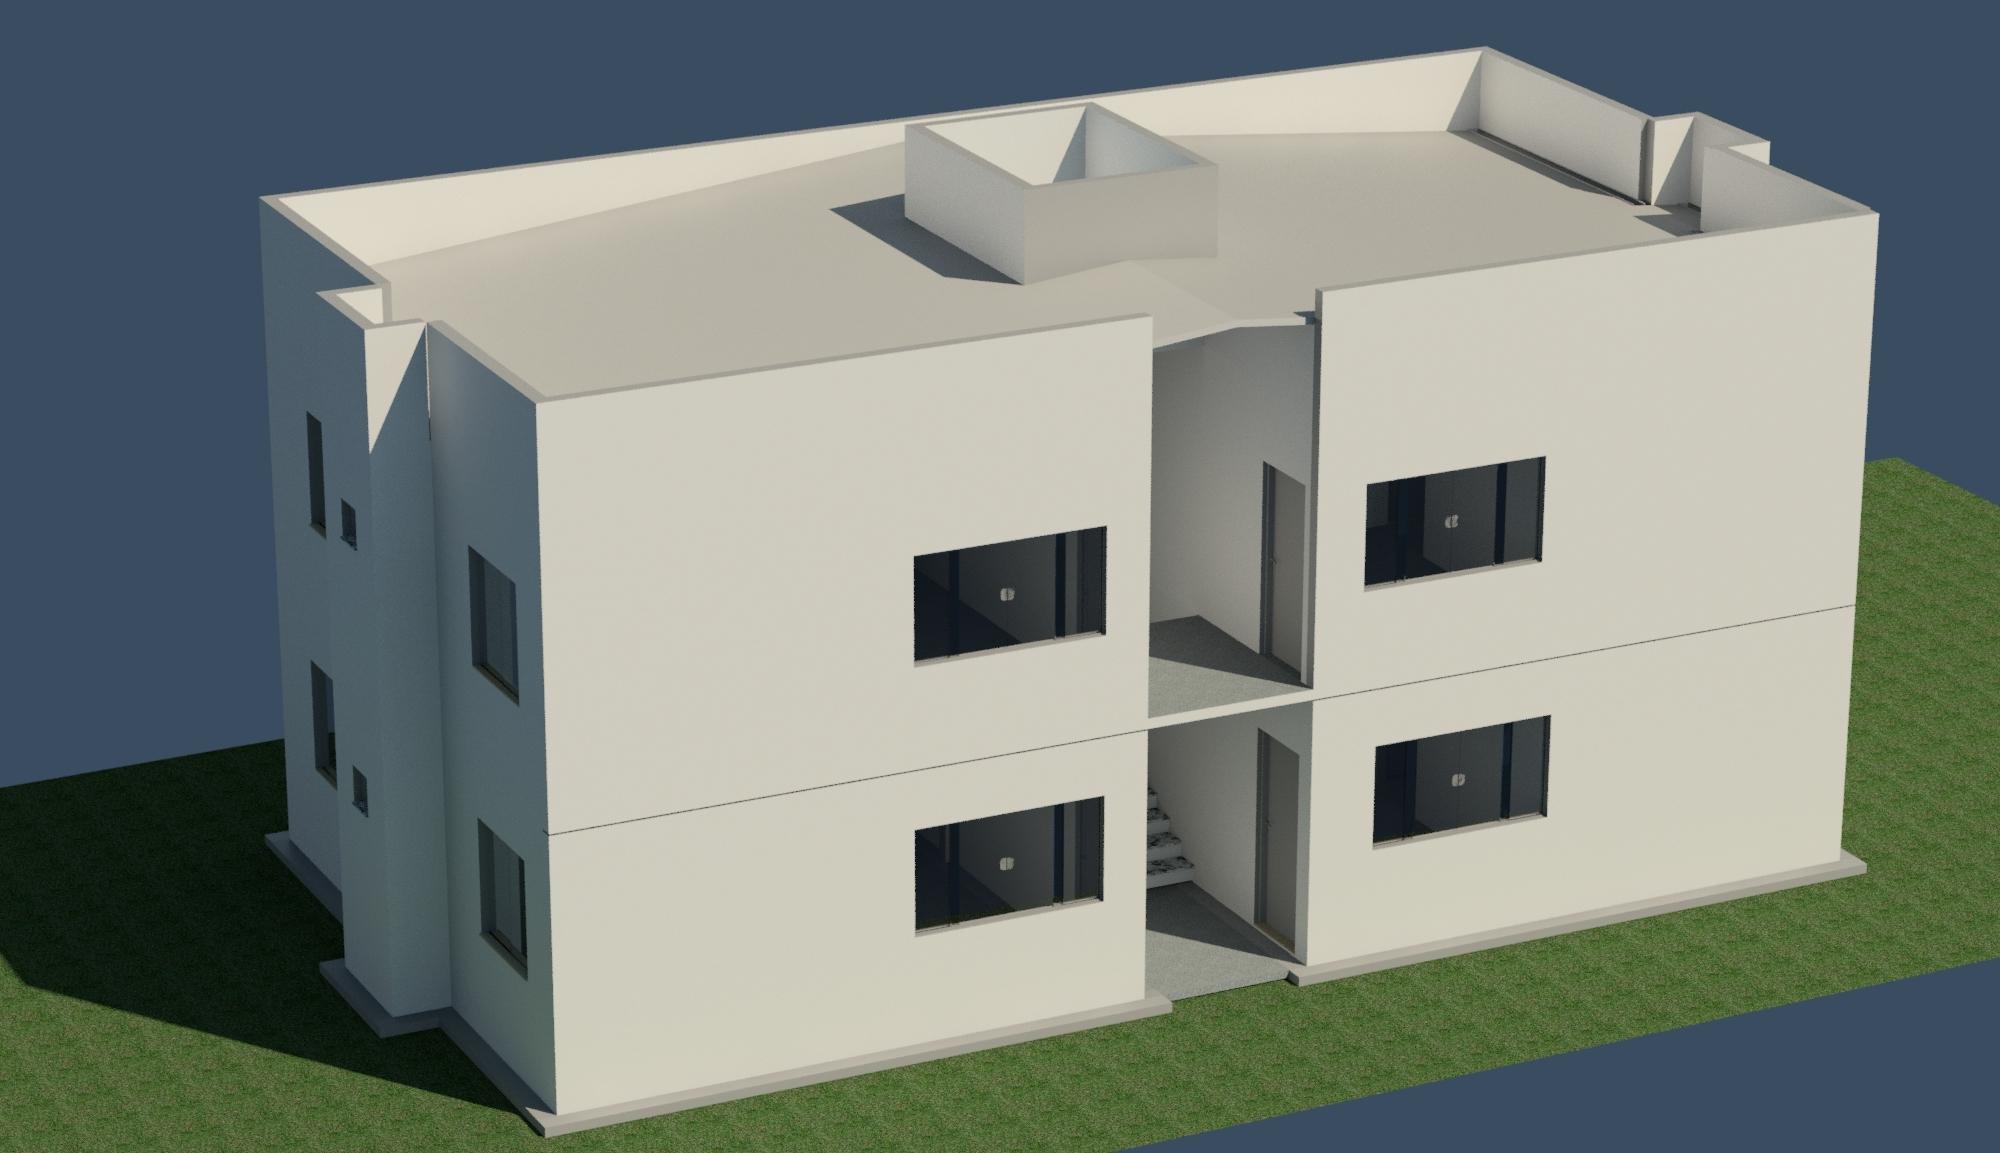 Raas-rendering20140910-686-1p0vbjy